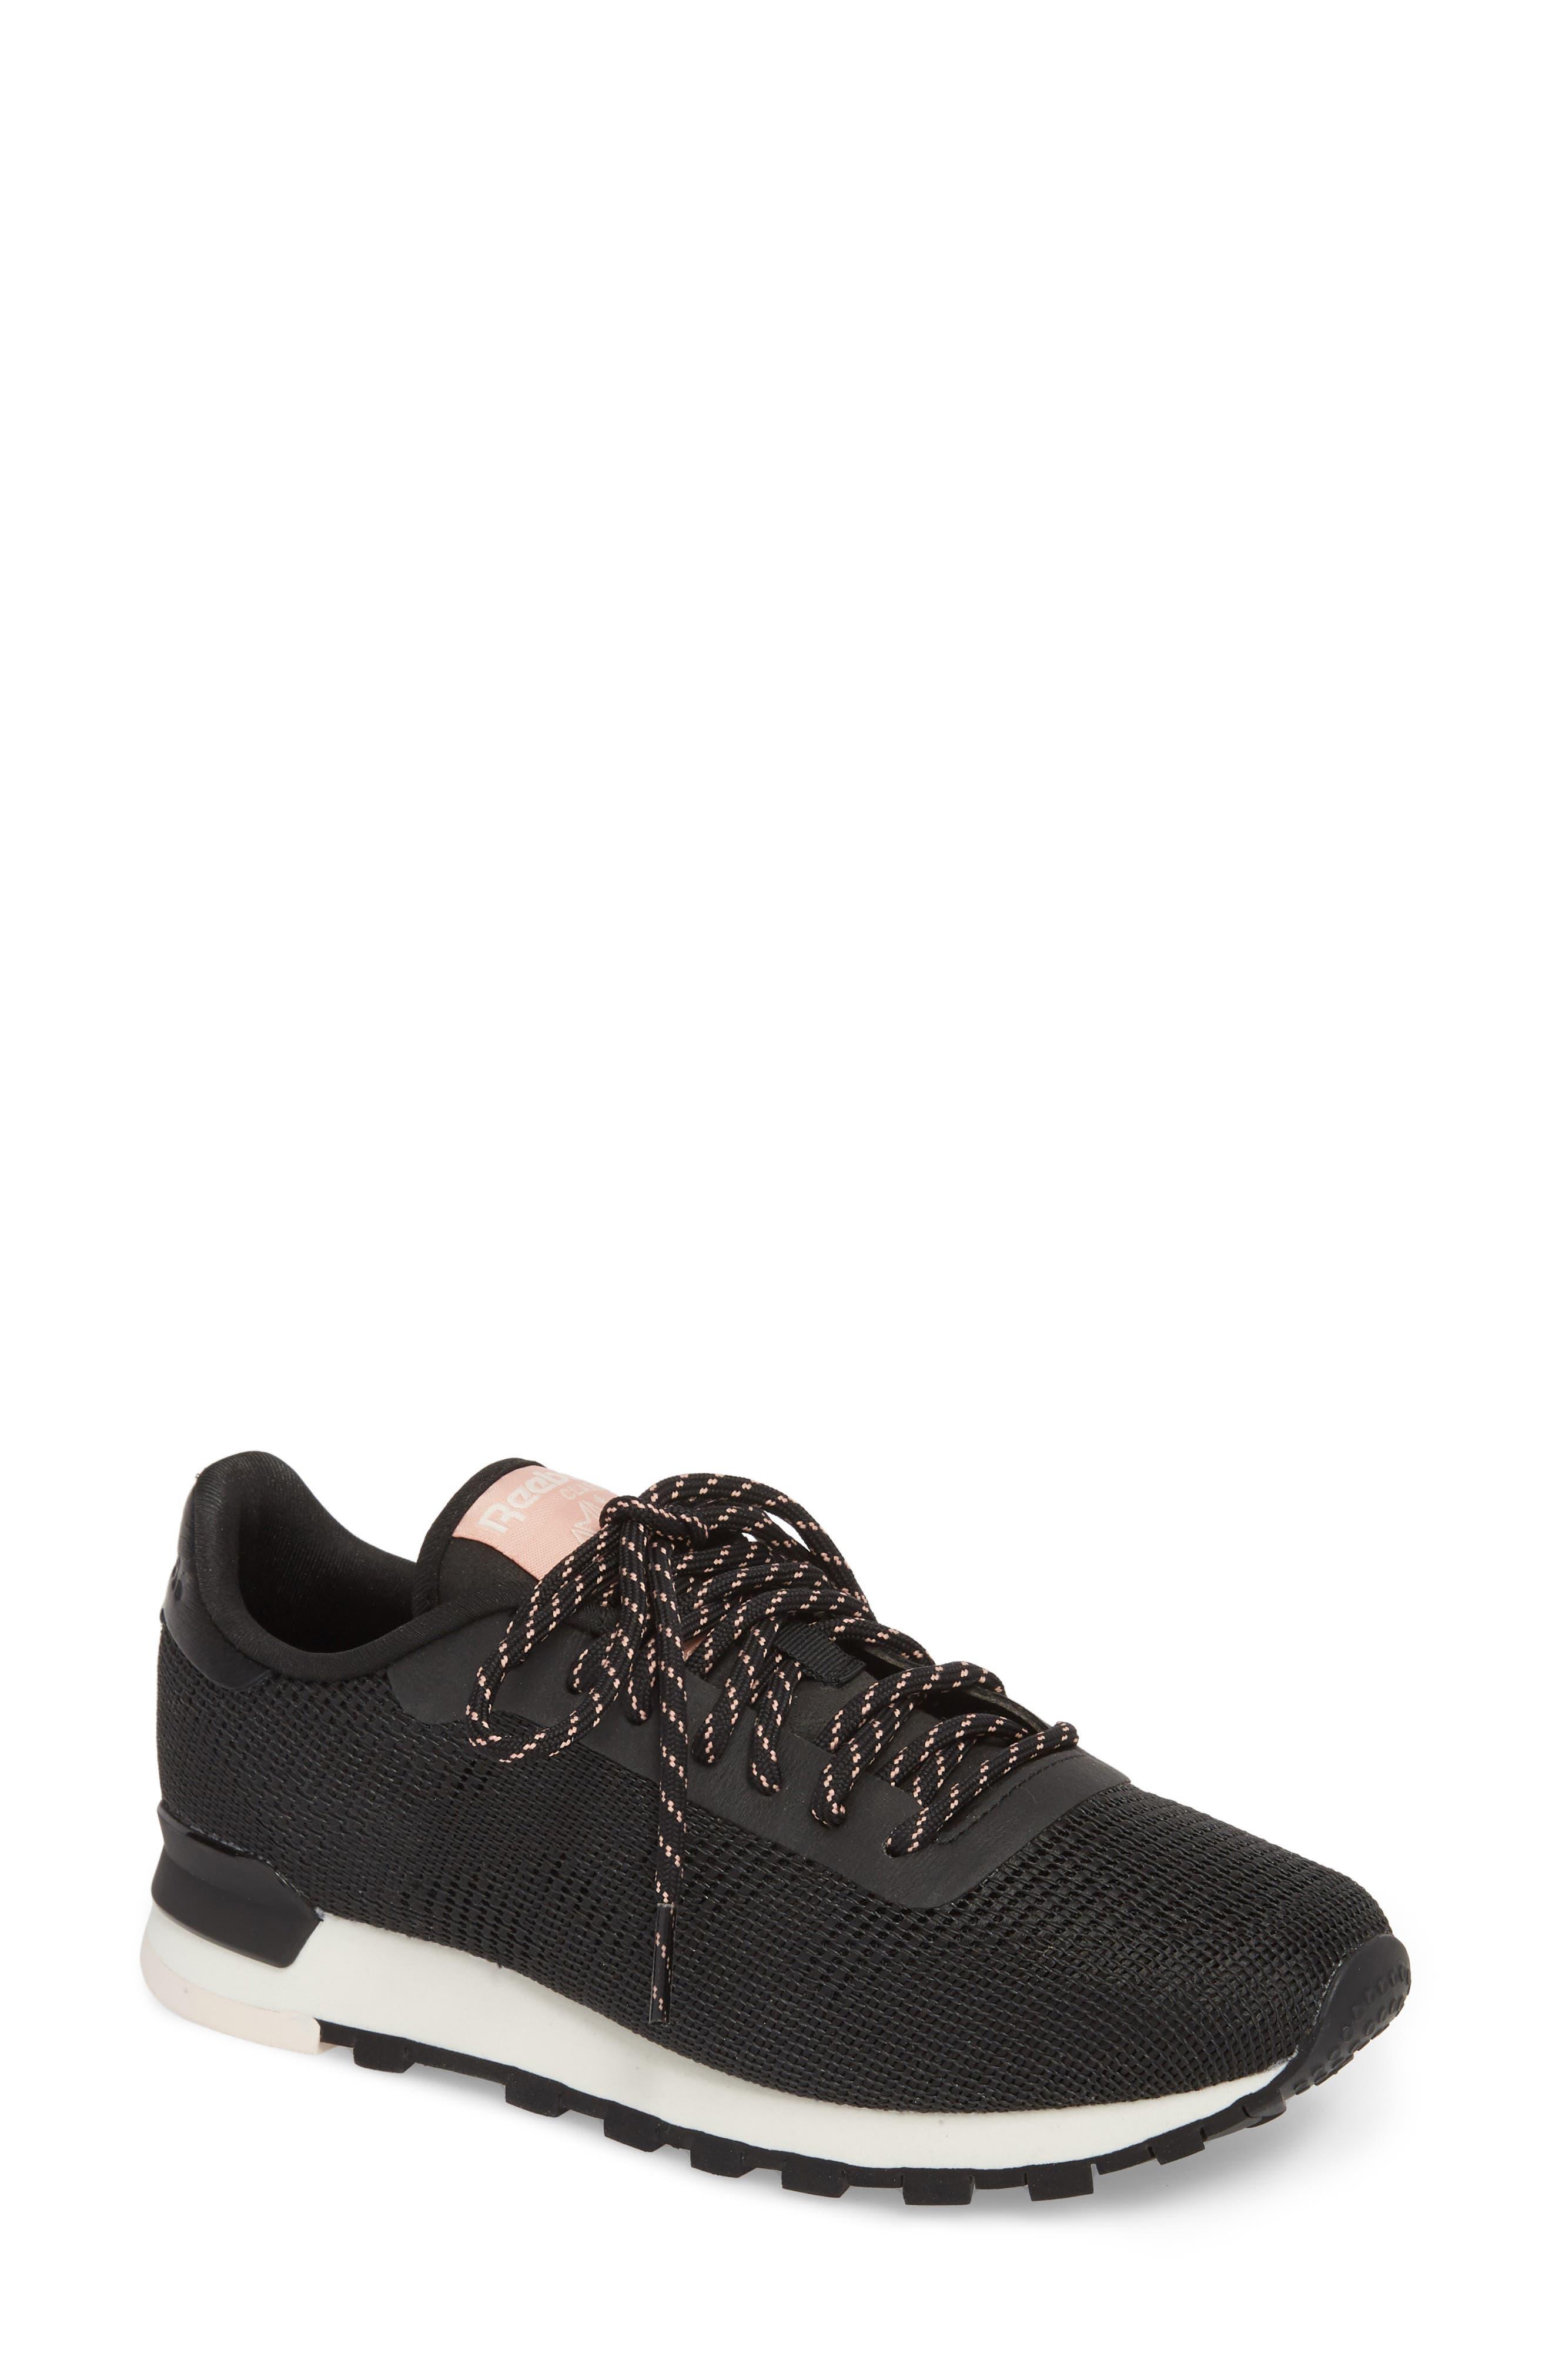 Reebok Classic Flexweave™ Sneaker (Women)